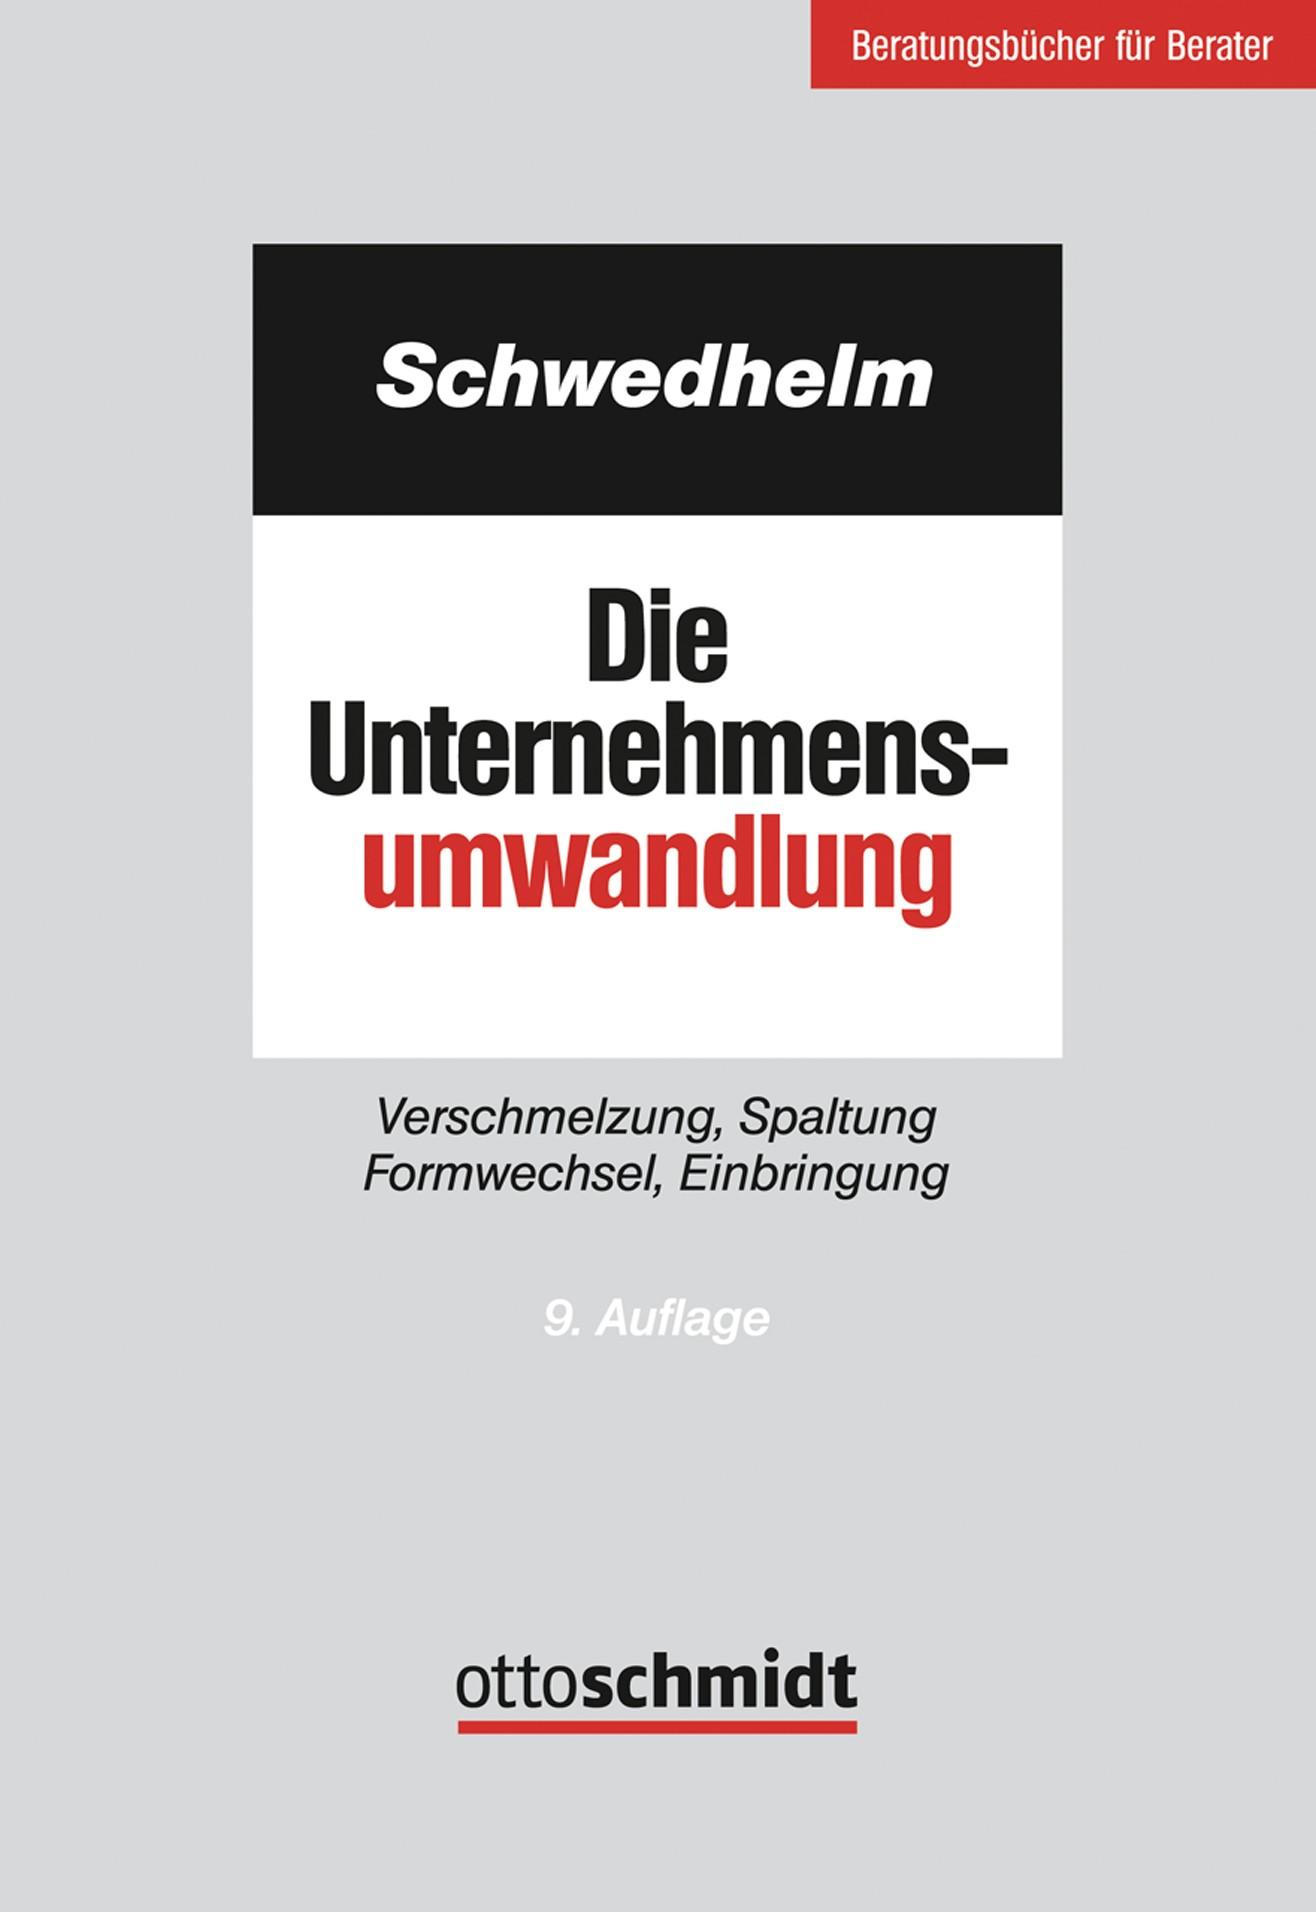 Abbildung von Schwedhelm (Hrsg.) | Die Unternehmensumwandlung | 9., neu bearbeitete Auflage | 2019